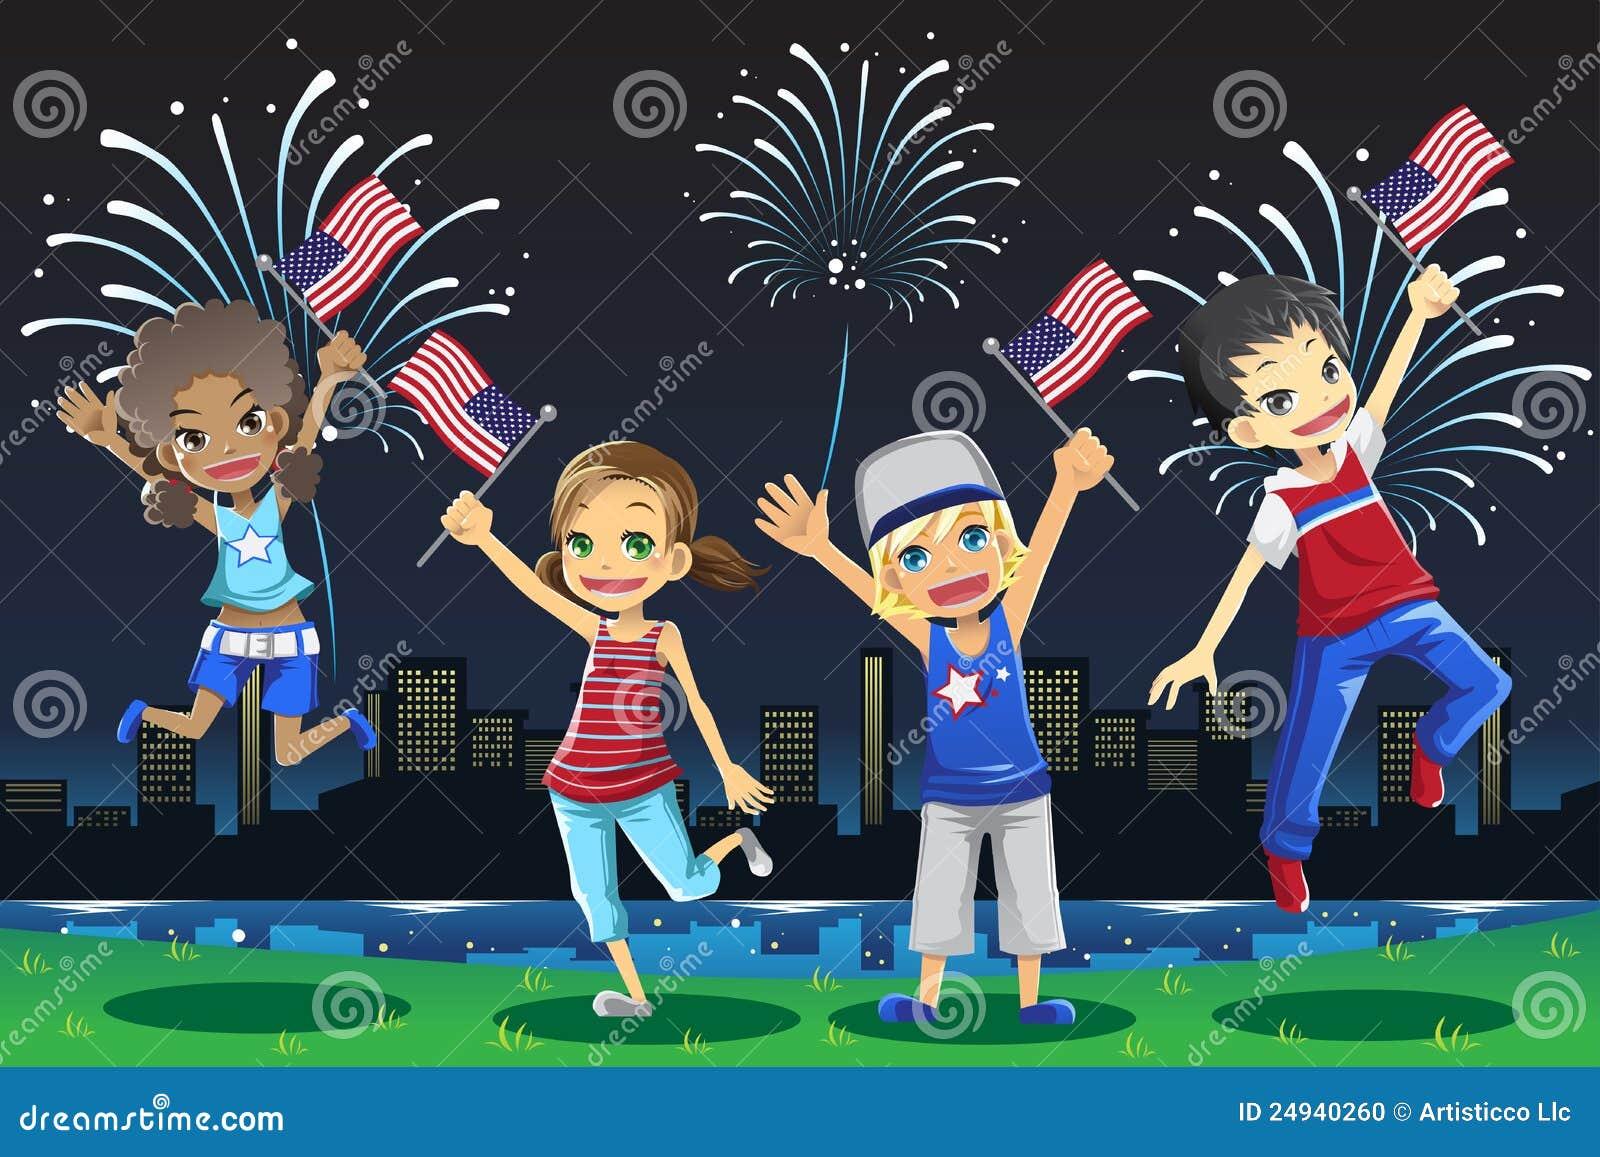 Cabritos que celebran el cuarto de julio ilustraci n del for Cuarto kit del america